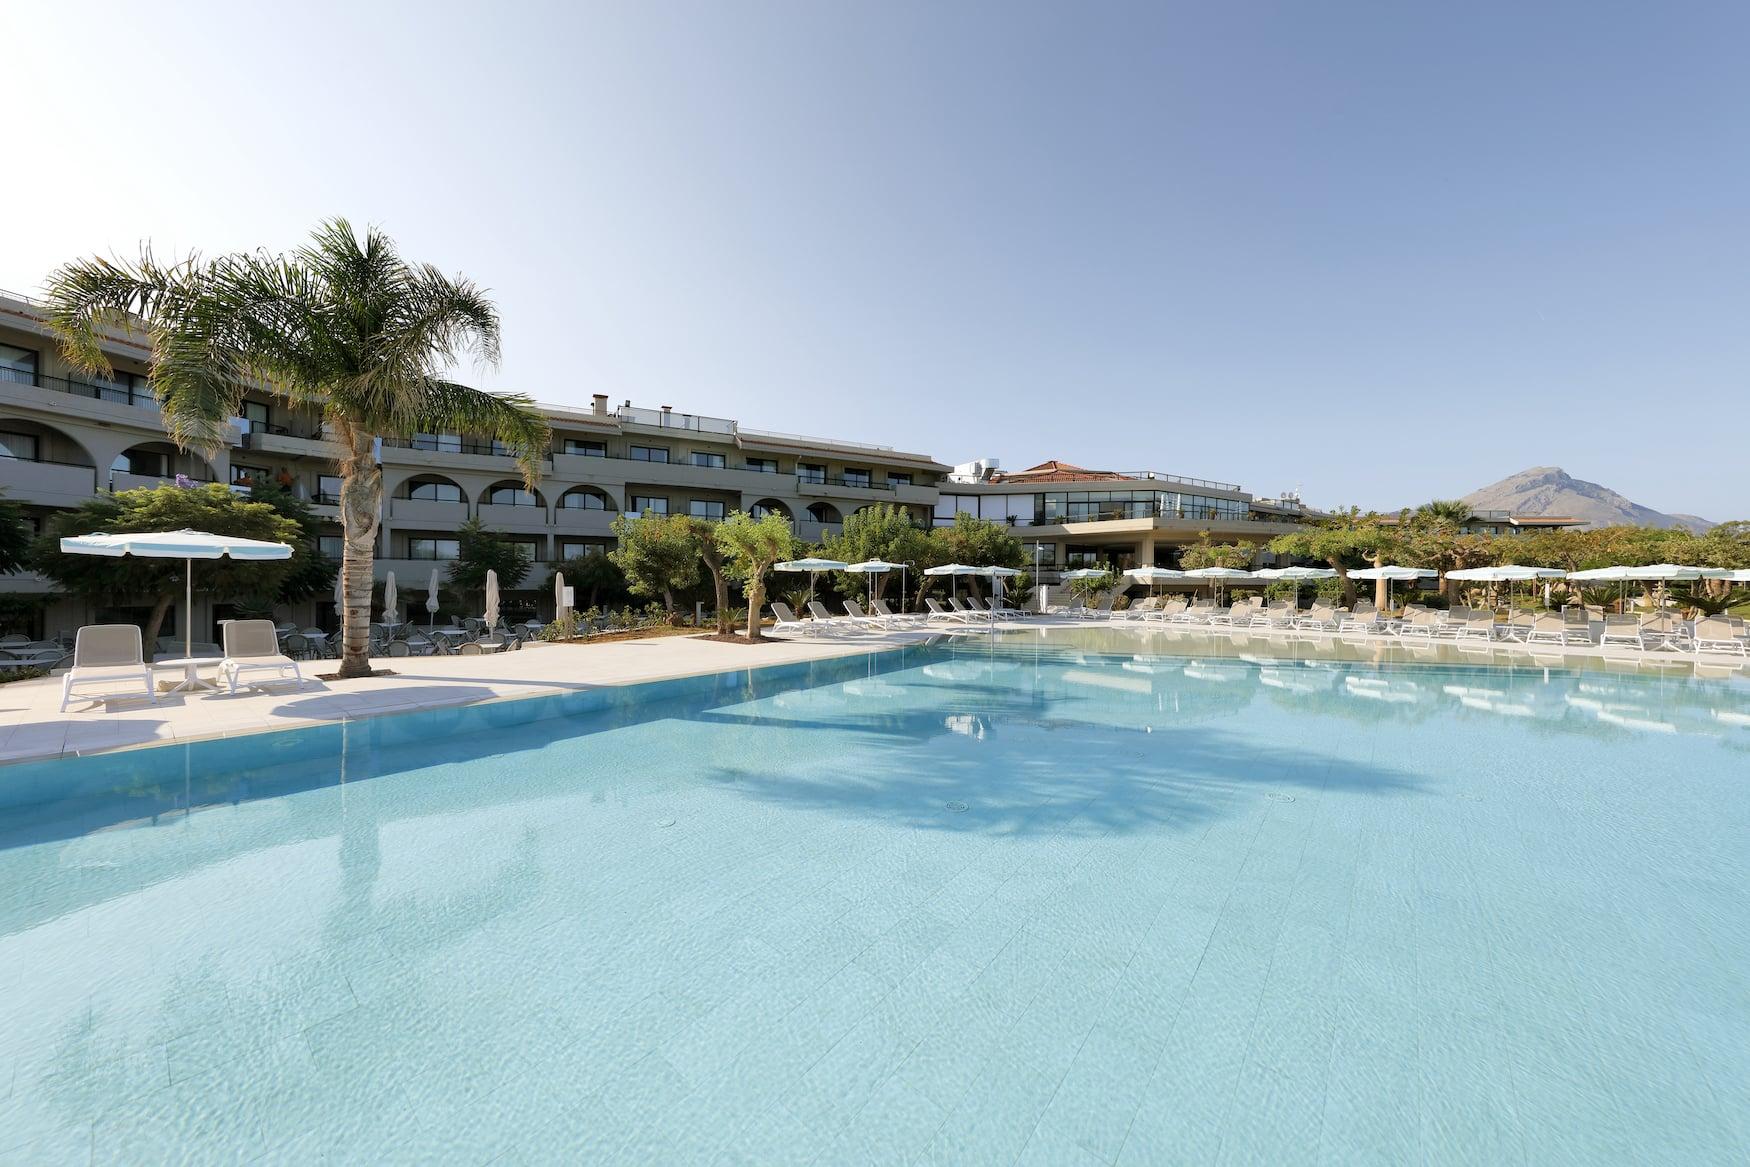 Neues Hotel auf Sizilien: Das Grand Palladium Sicilia Resort